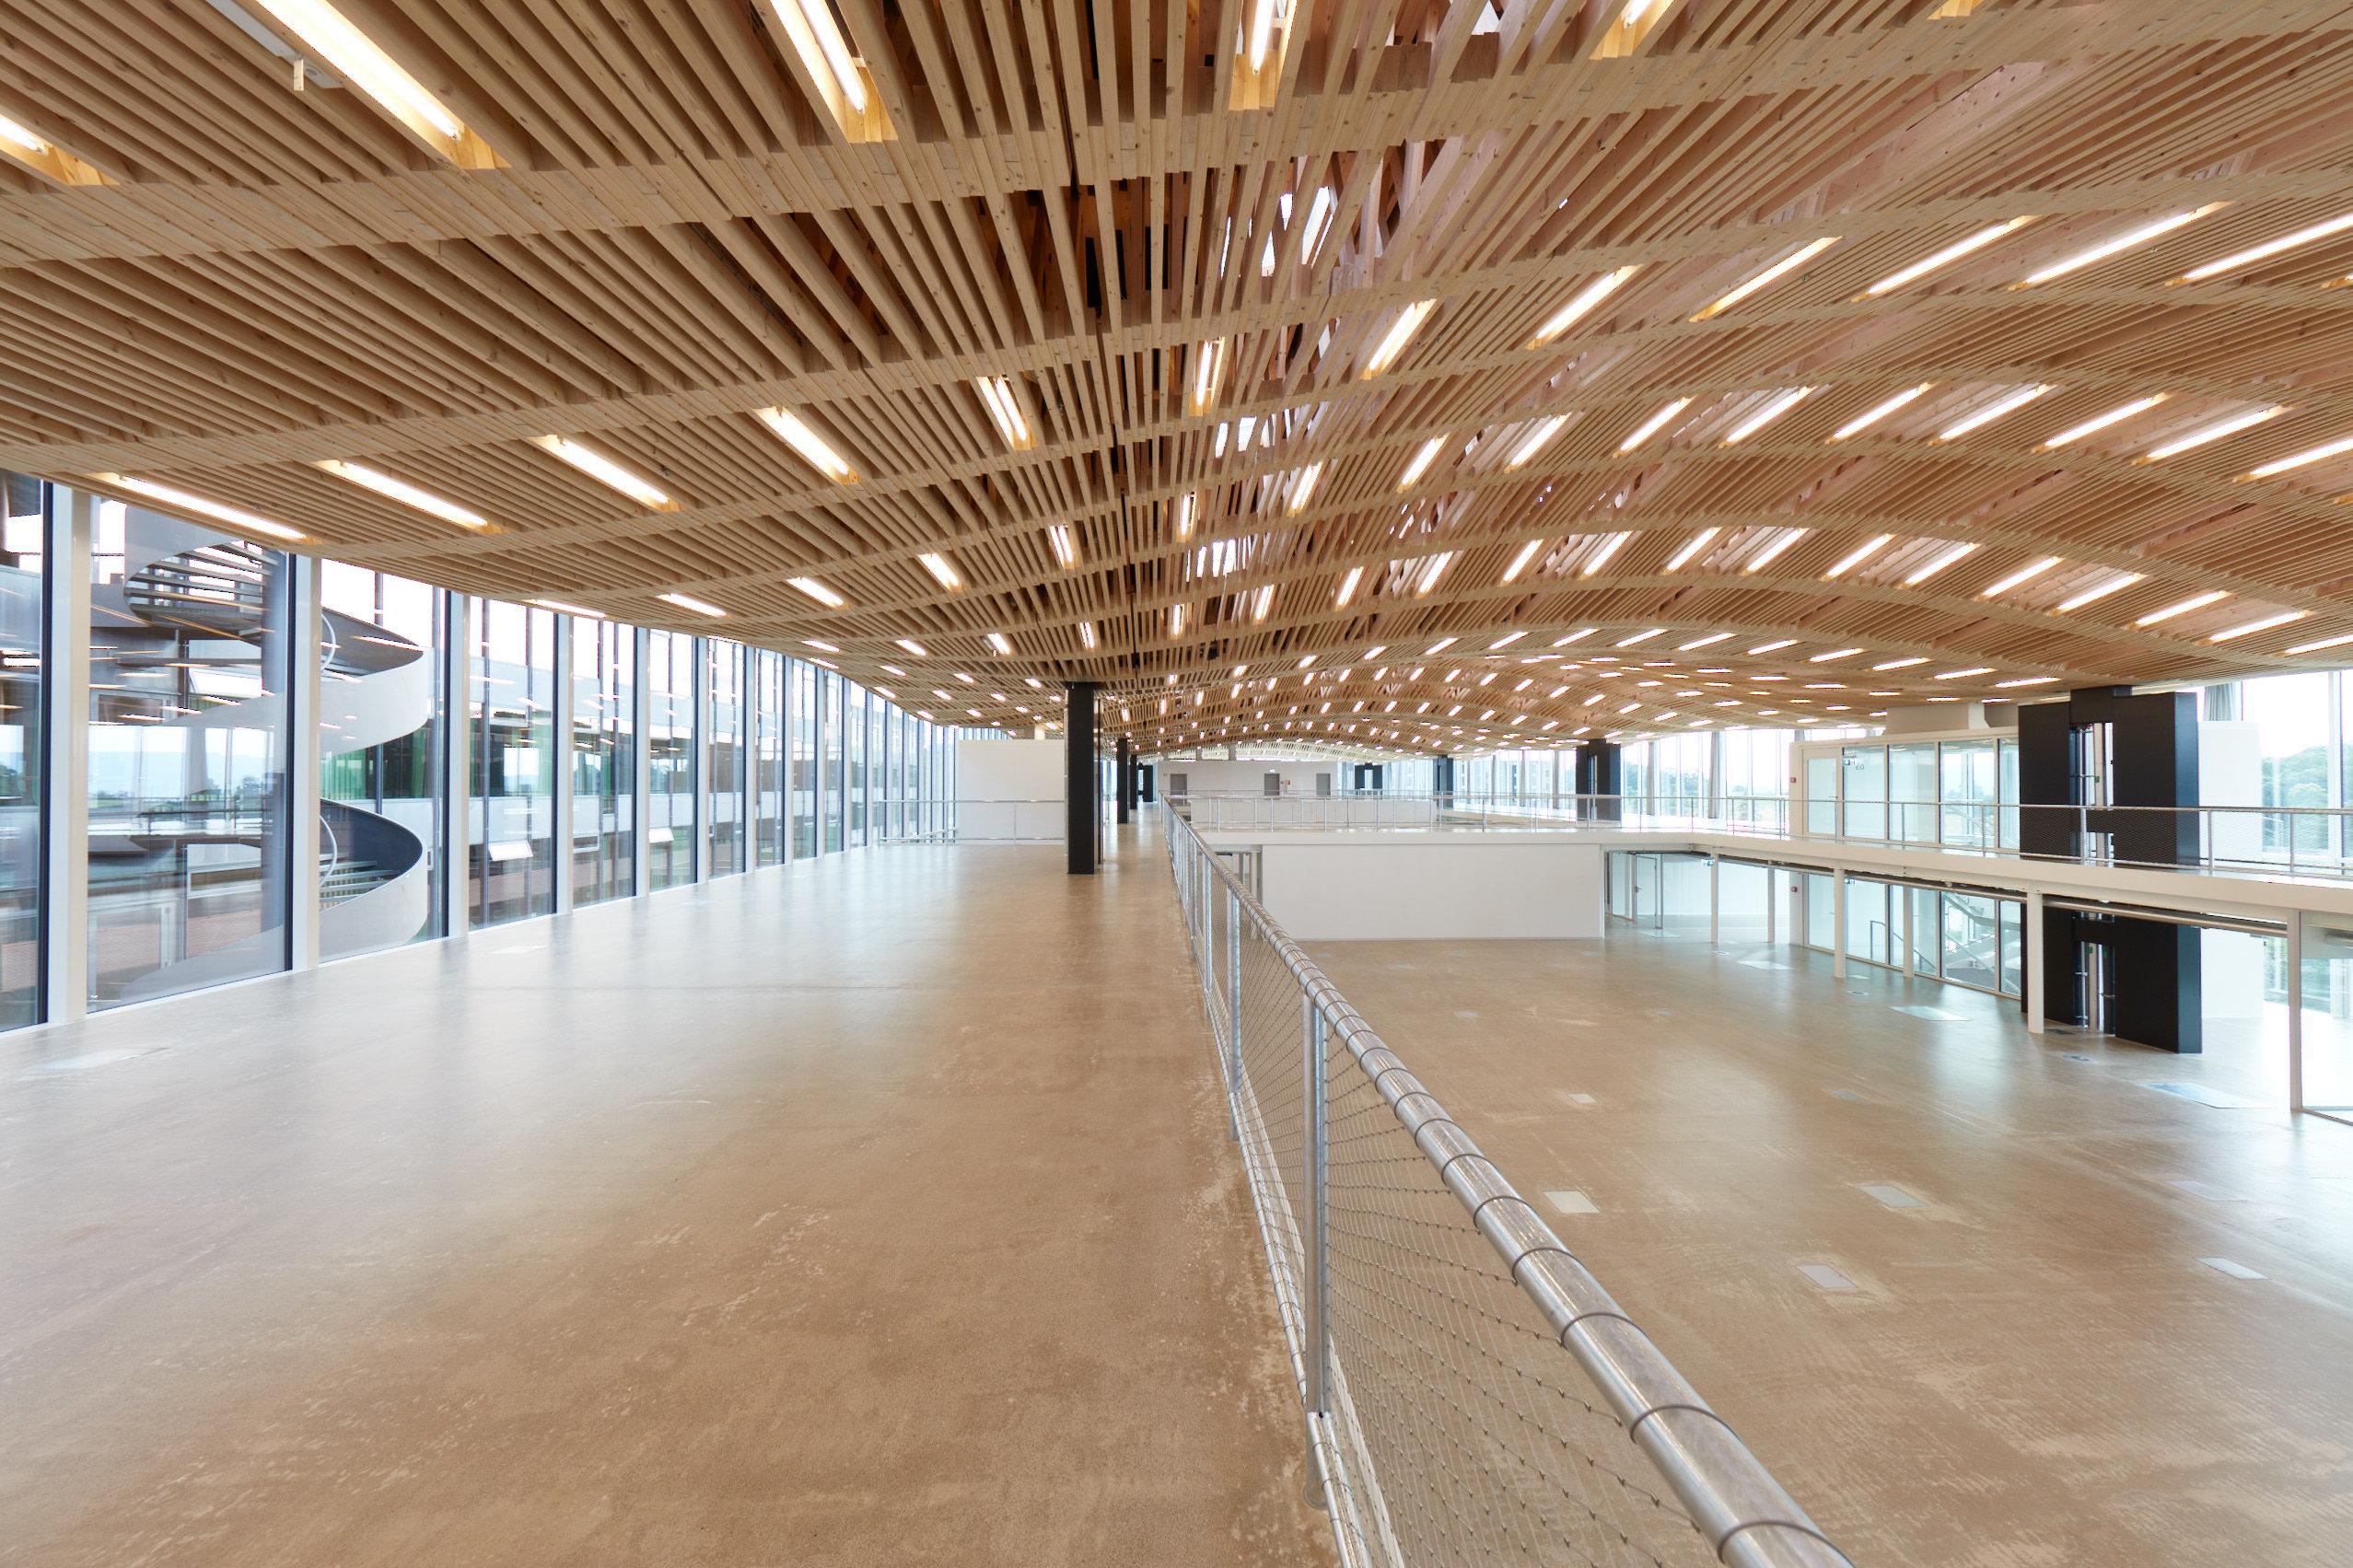 gewölbtes Holzdach aus Fachwerkträgern mit integrierter Beleuchtung